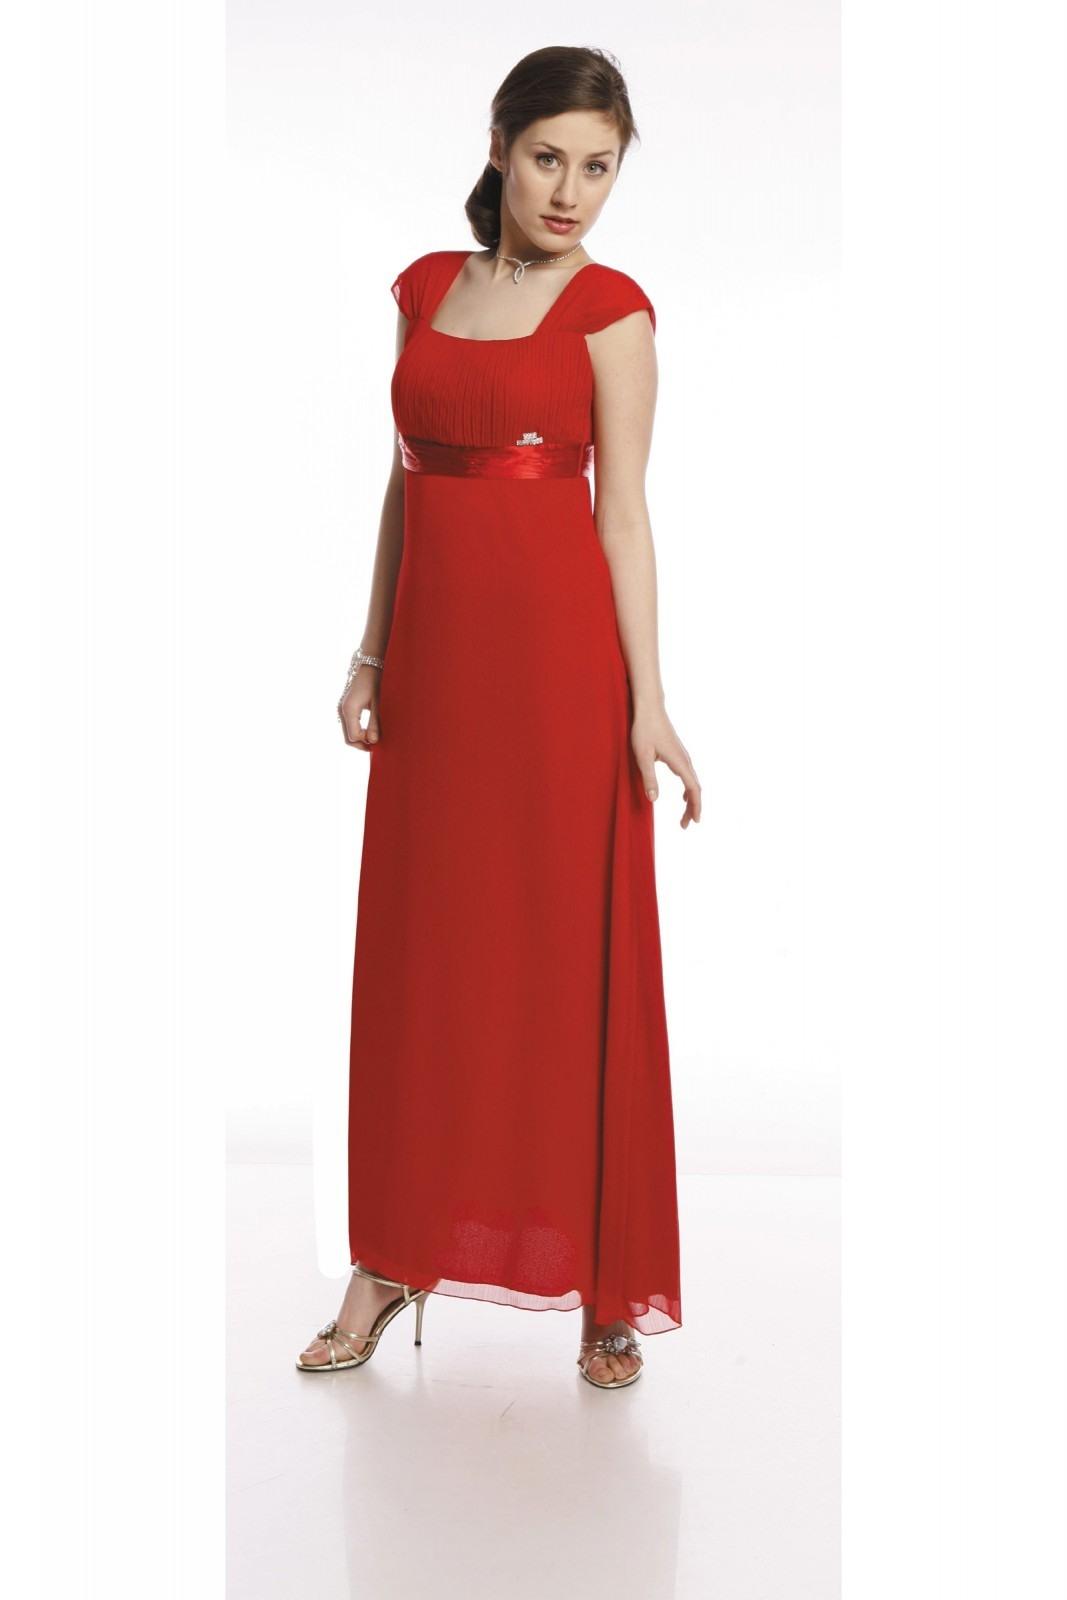 13 Großartig Lange Chiffon Kleider Design15 Kreativ Lange Chiffon Kleider Ärmel